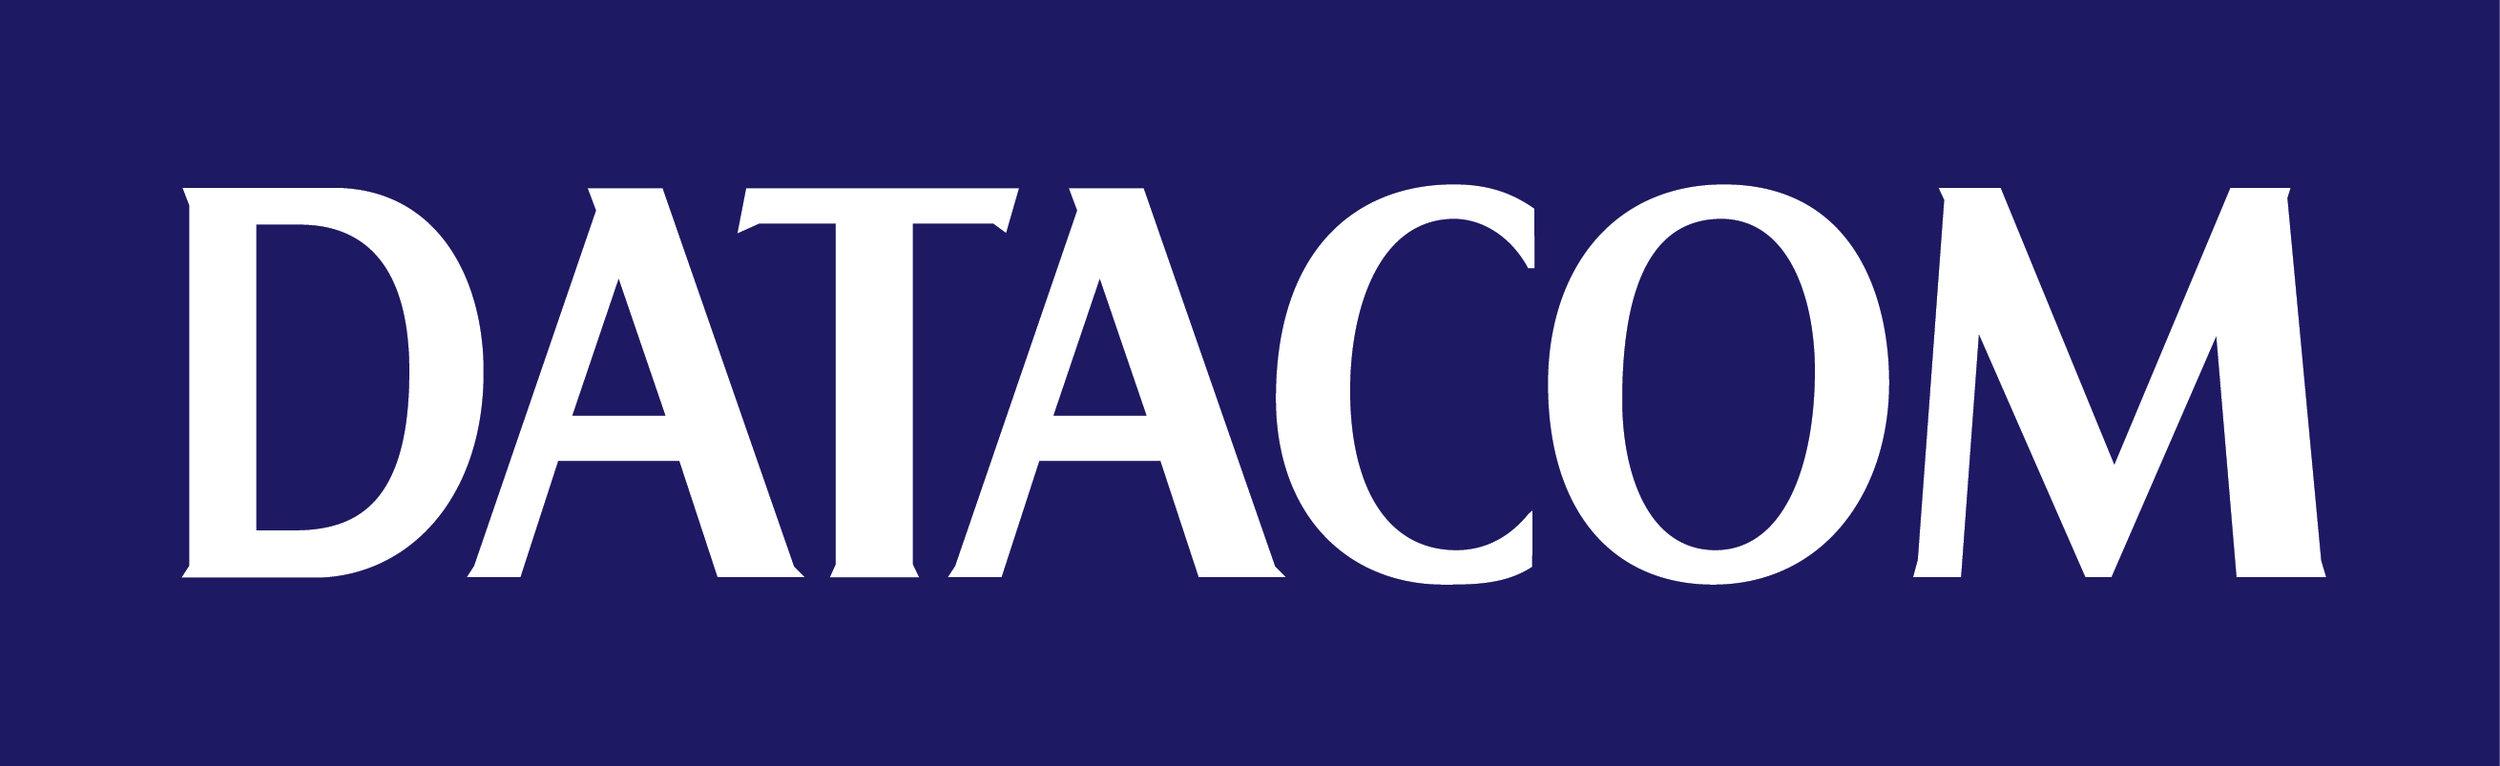 Datacom-logo-solid.jpg